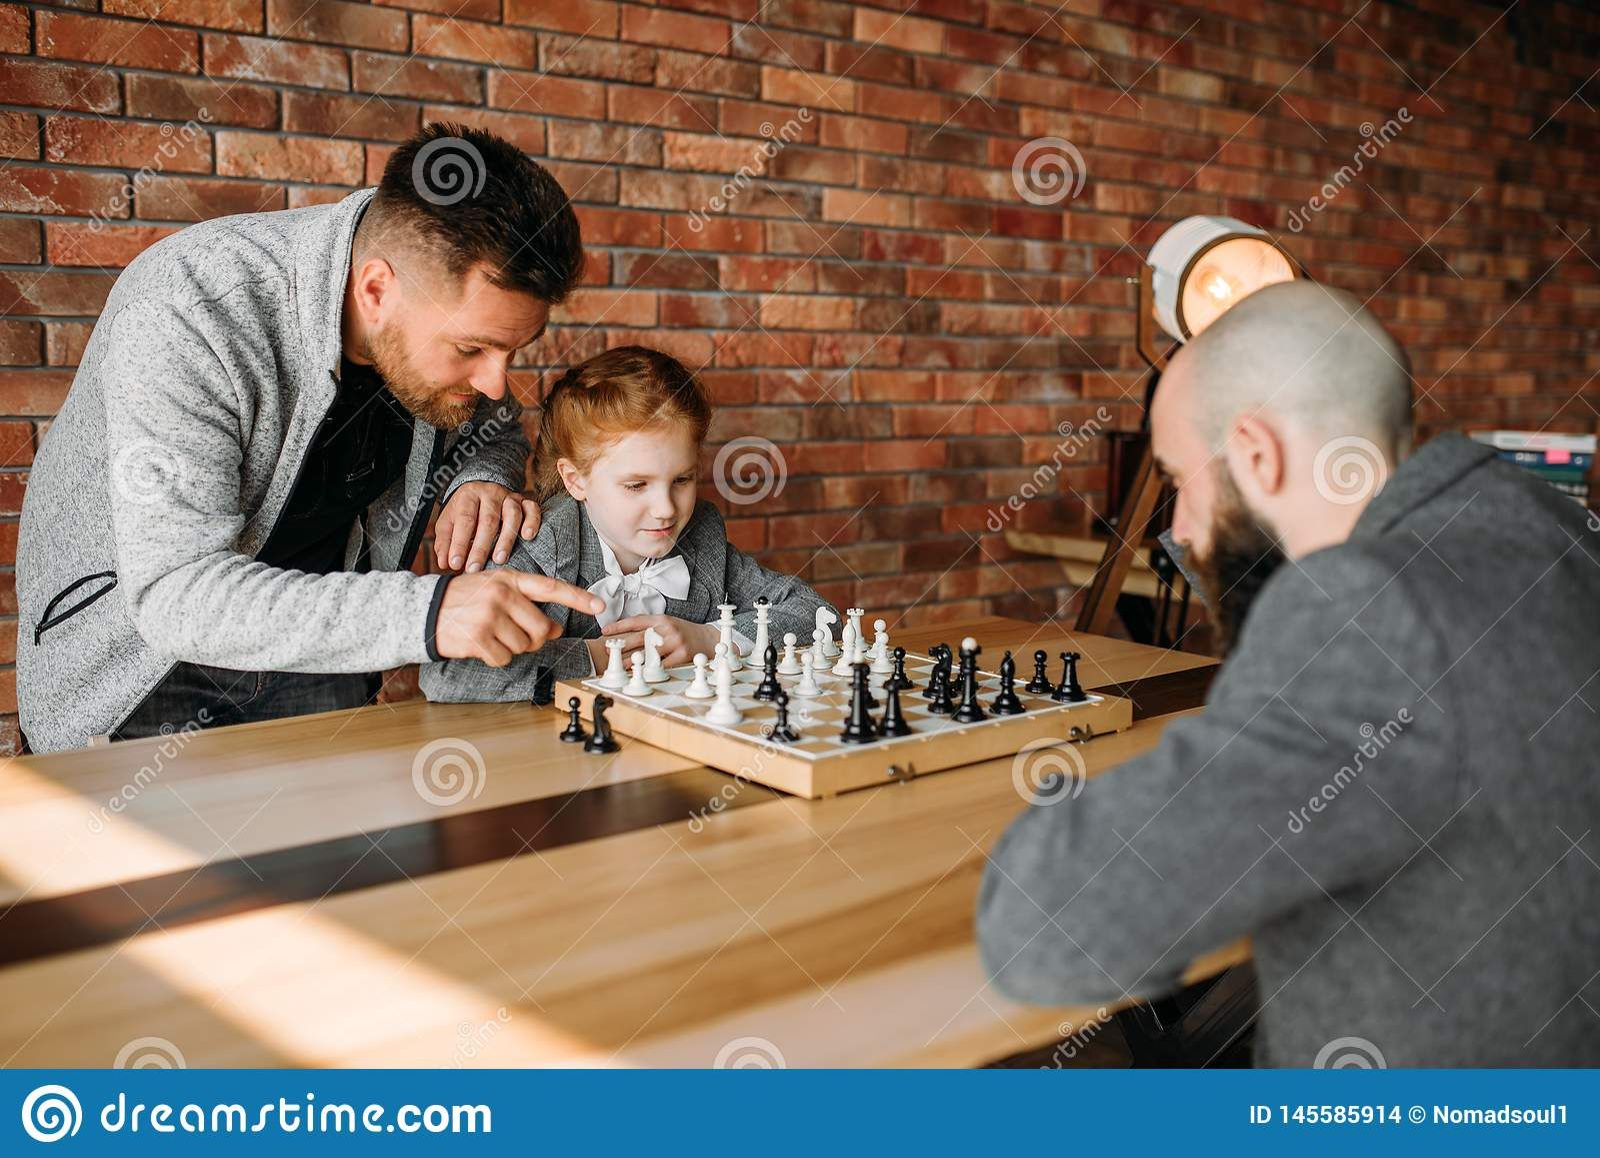 Écolière intelligente jouant aux échecs avec l homme